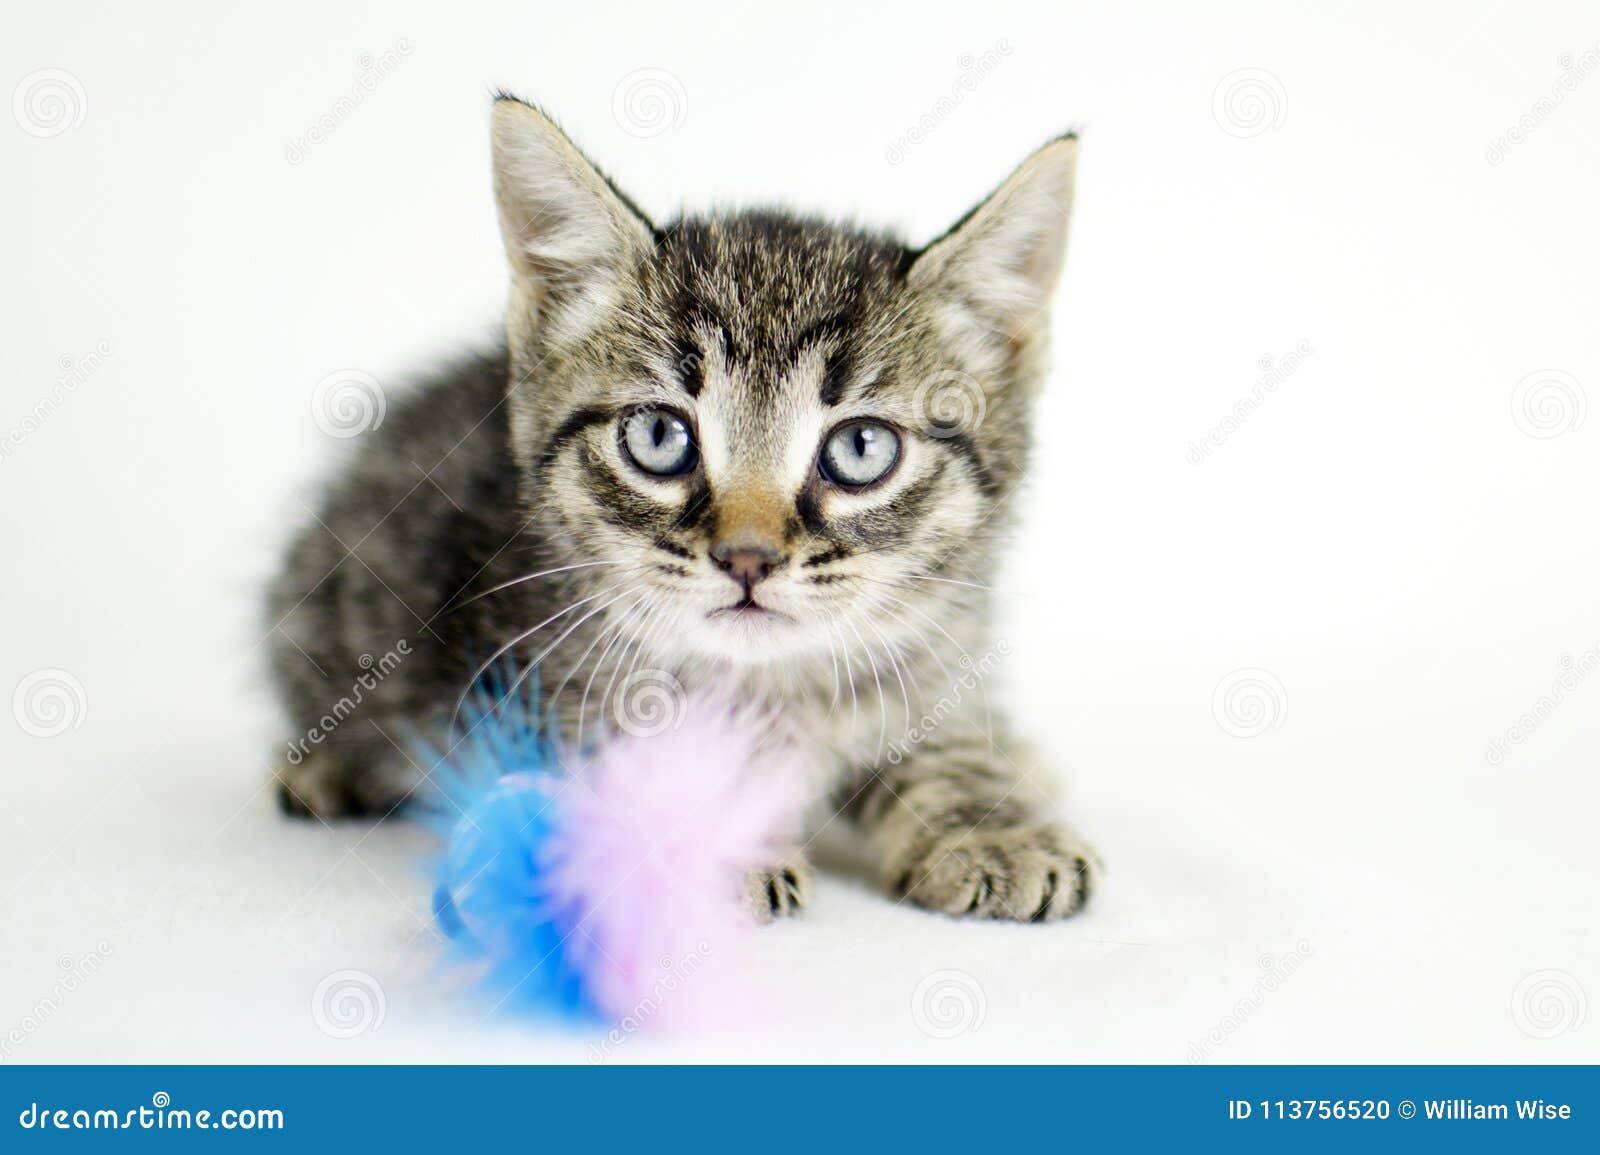 Chaton Tigre Photographie D Adoption De Refuge Pour Animaux Photo Stock Image Du Animaux Photographie 113756520